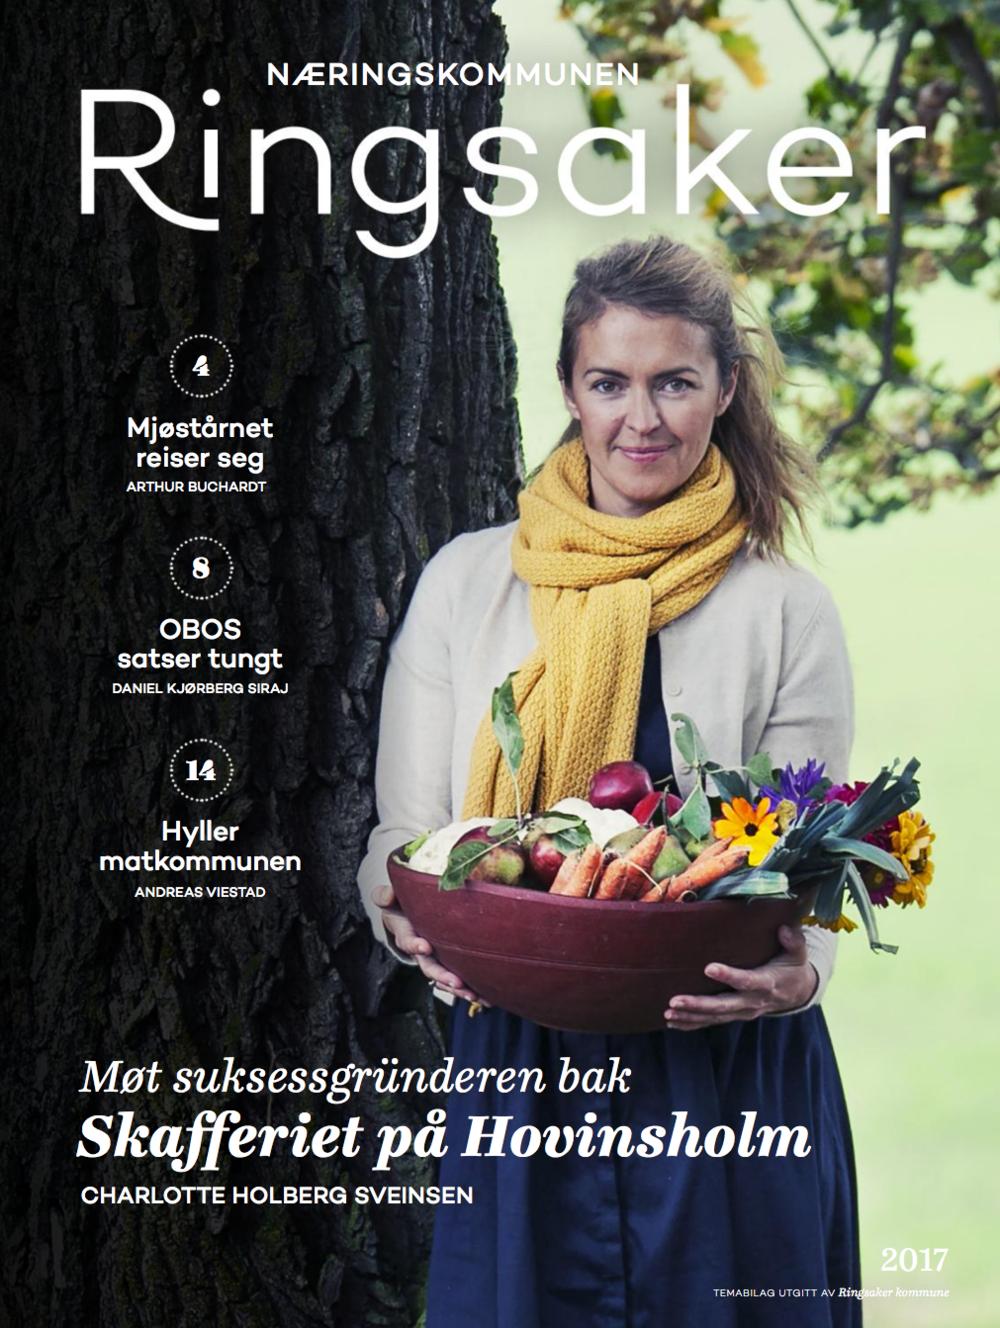 RingsakerKommunesNæringsmagasin01.png